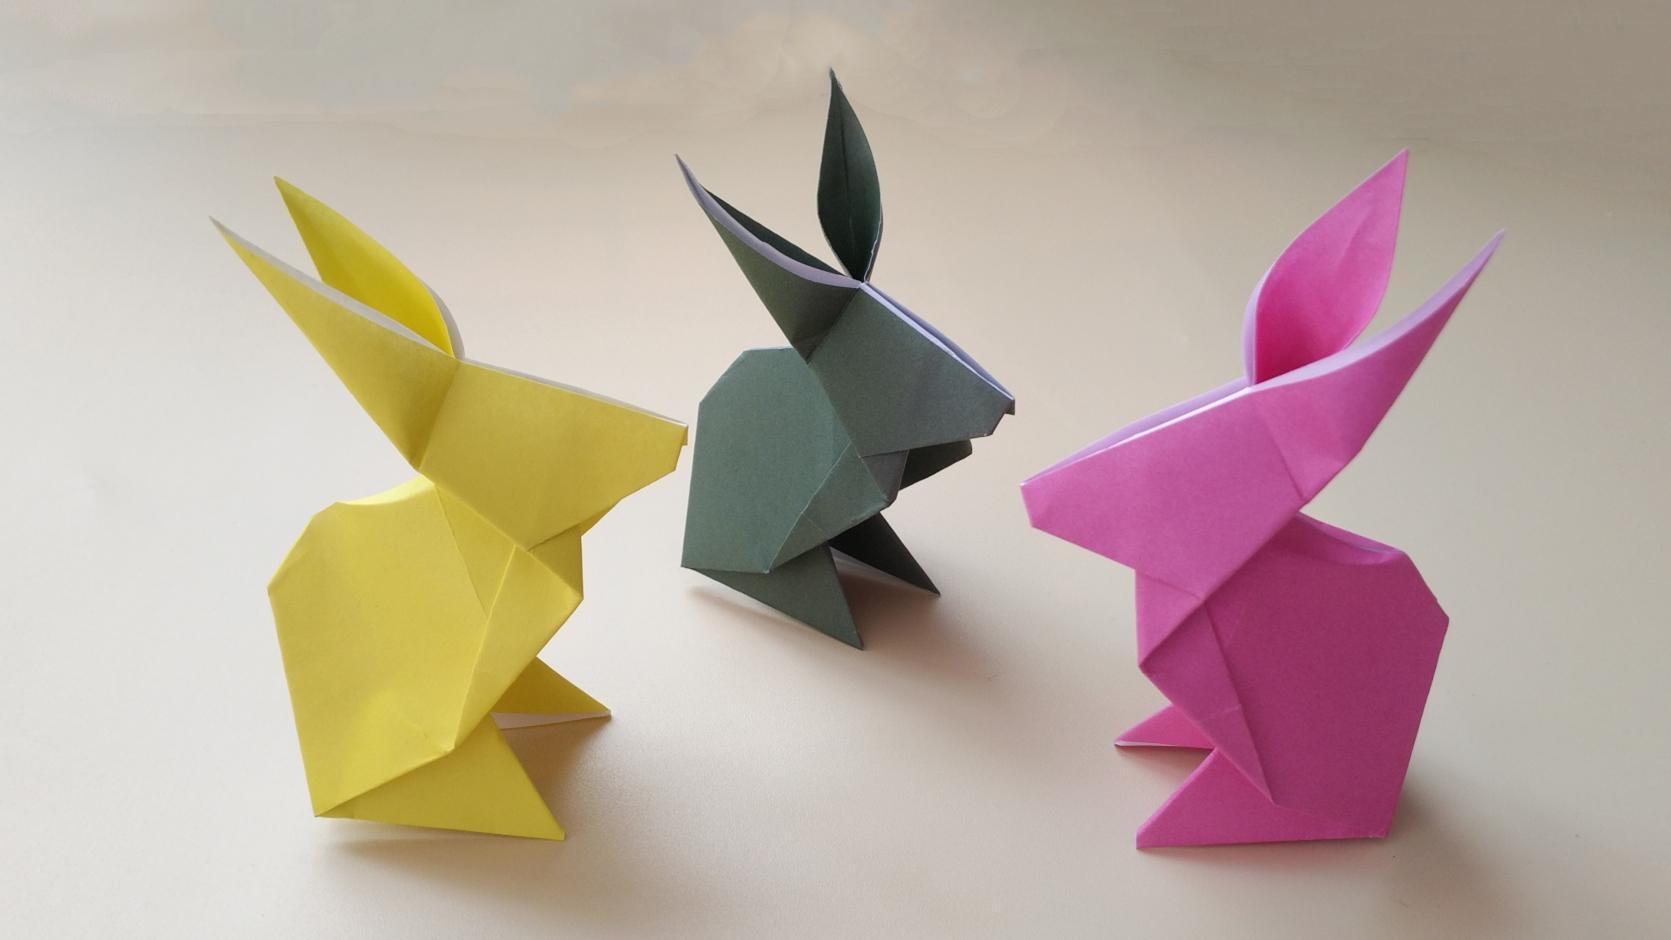 2分钟学会折纸立体小兔子,简单几步就折好了,手工折纸视频